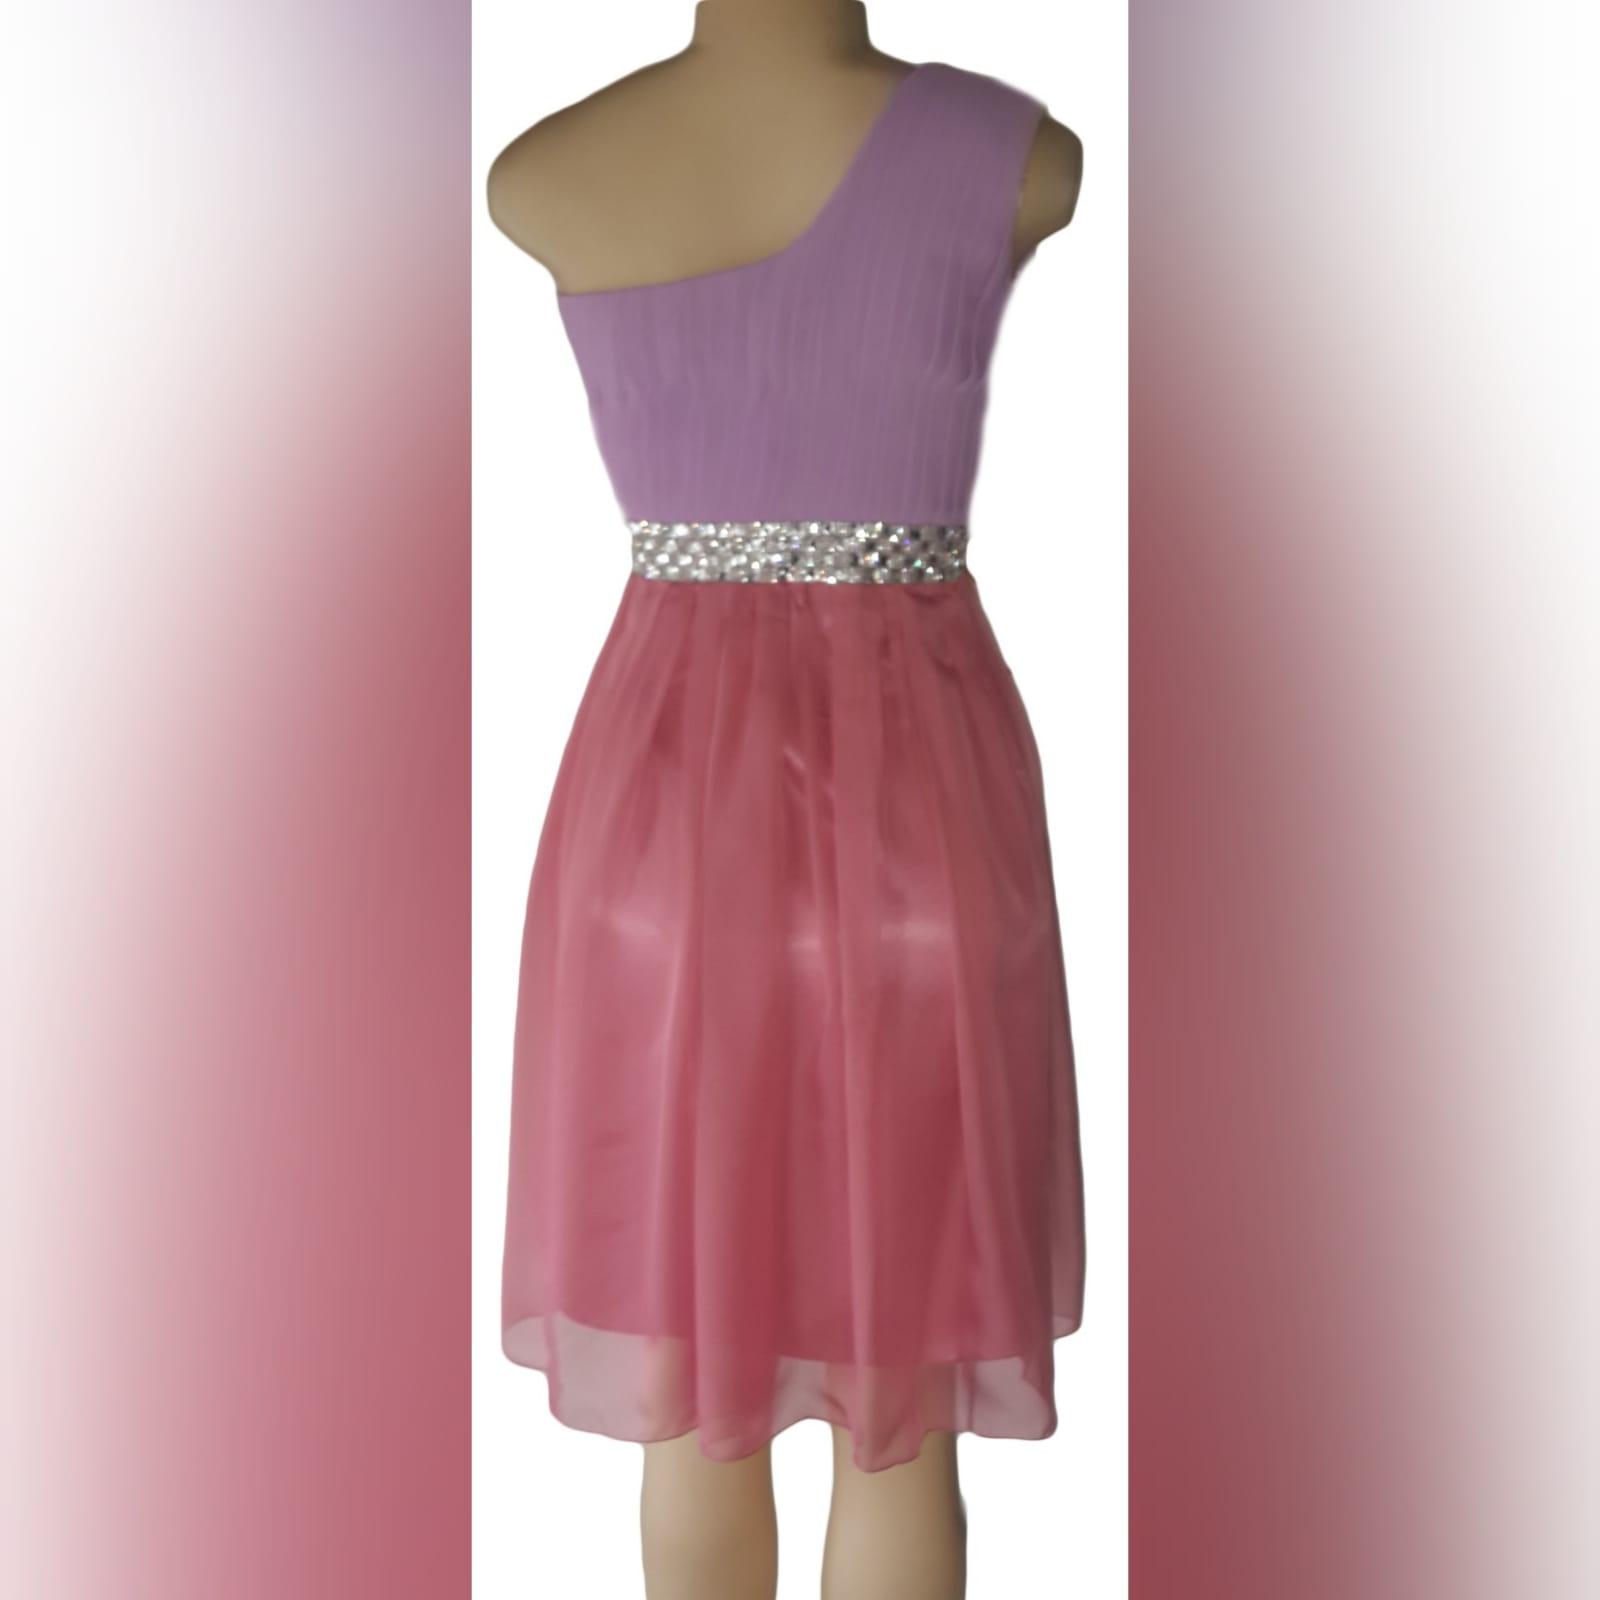 Vestido curto de dama de honra cor-de-rosa e lilás 4 vestido curto de dama de honra em chiffon cor-de-rosa e lilás, com um só ombro. Corpete plissado com detalhe de cinturão prateado.